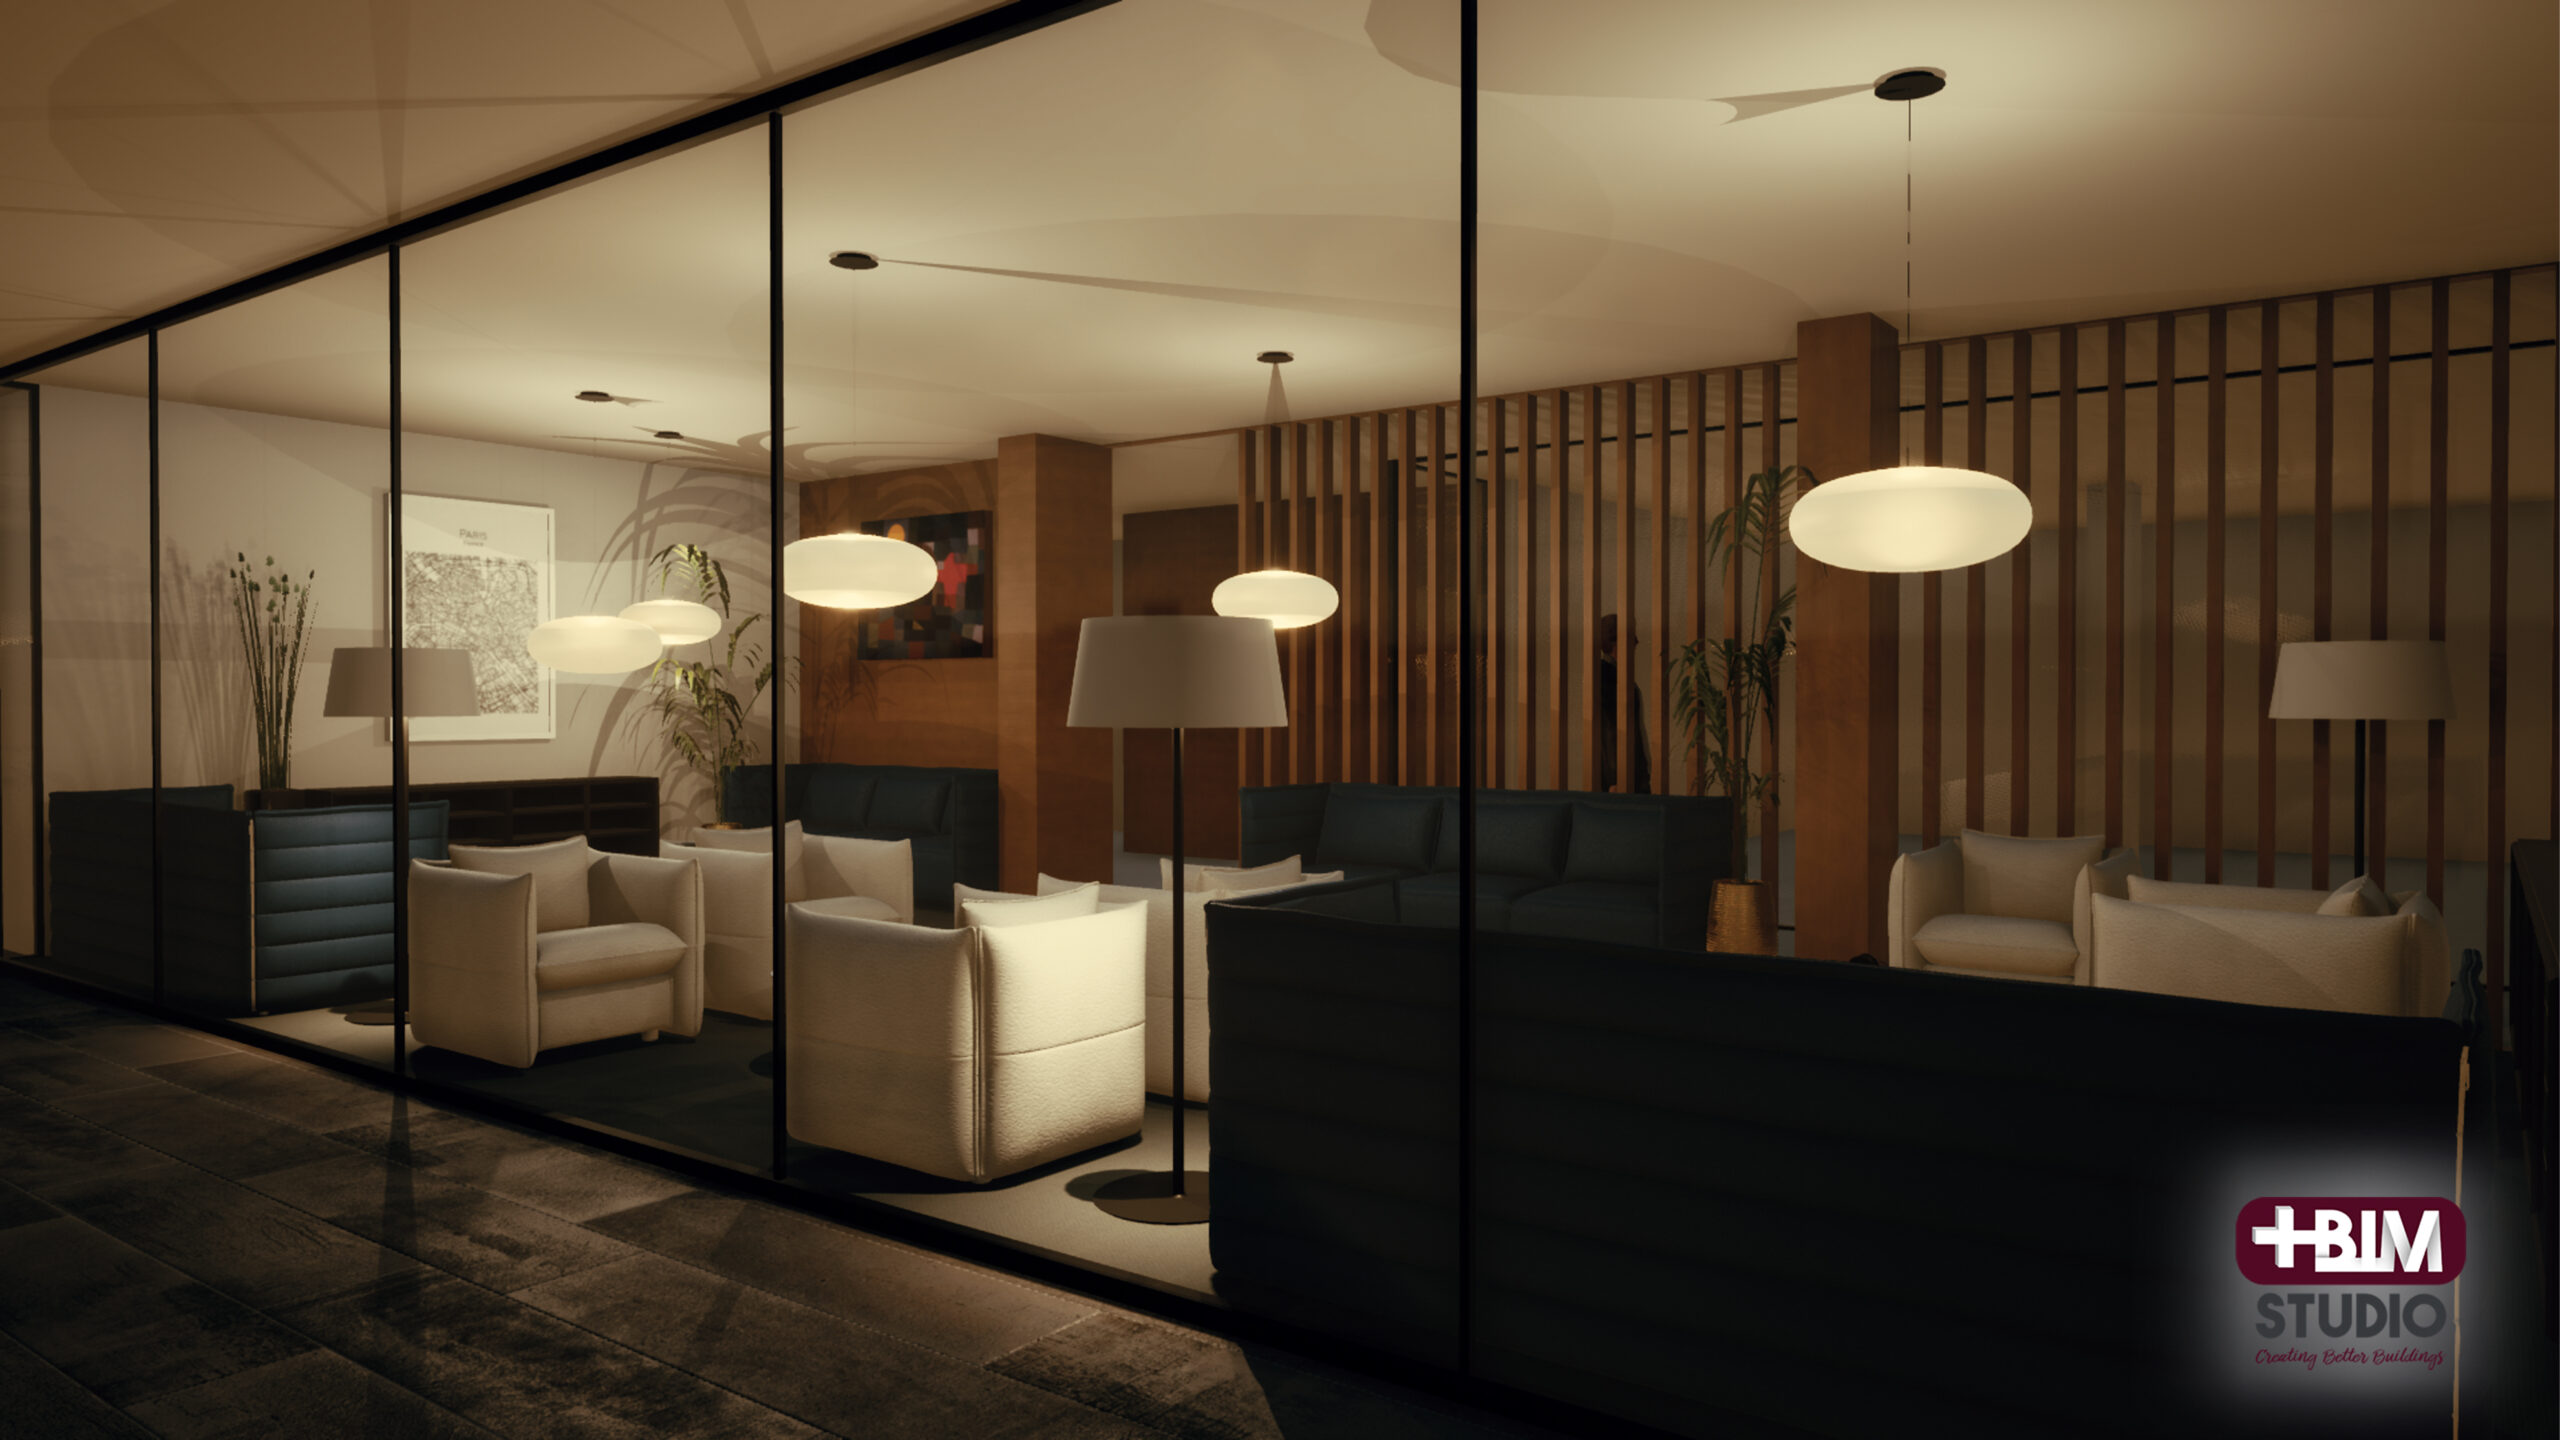 MASBIM - Hotel Foz - Zonas comunes